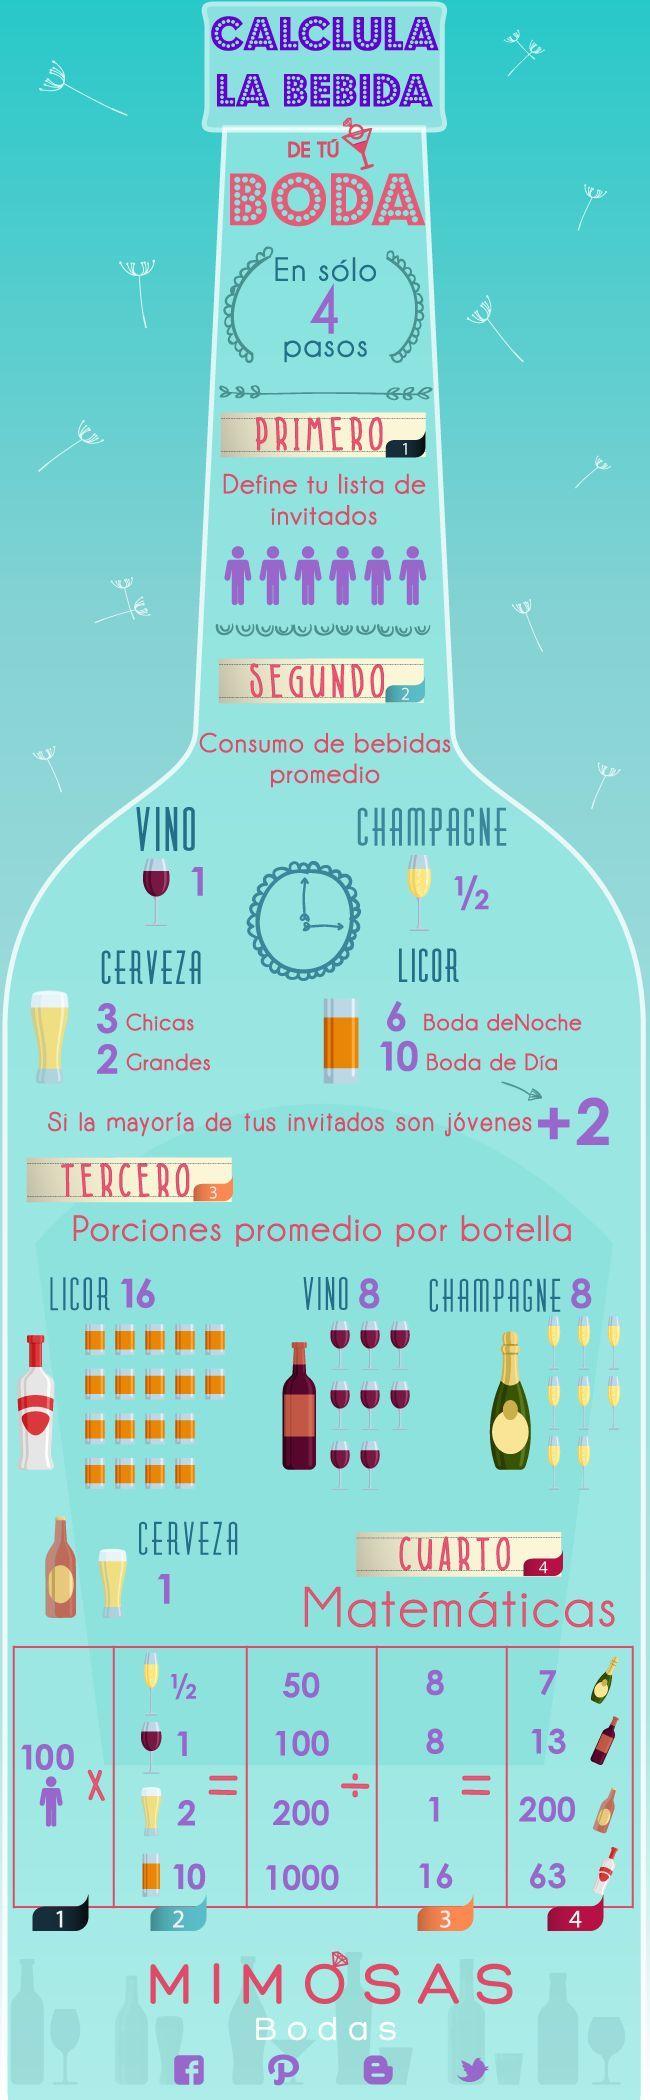 ¿Sabes cuánto licor deberás comprar para tu boda? ¡Sigue estos 4 pasos para tener una gran recepción! #PlaneadoresBodasCali